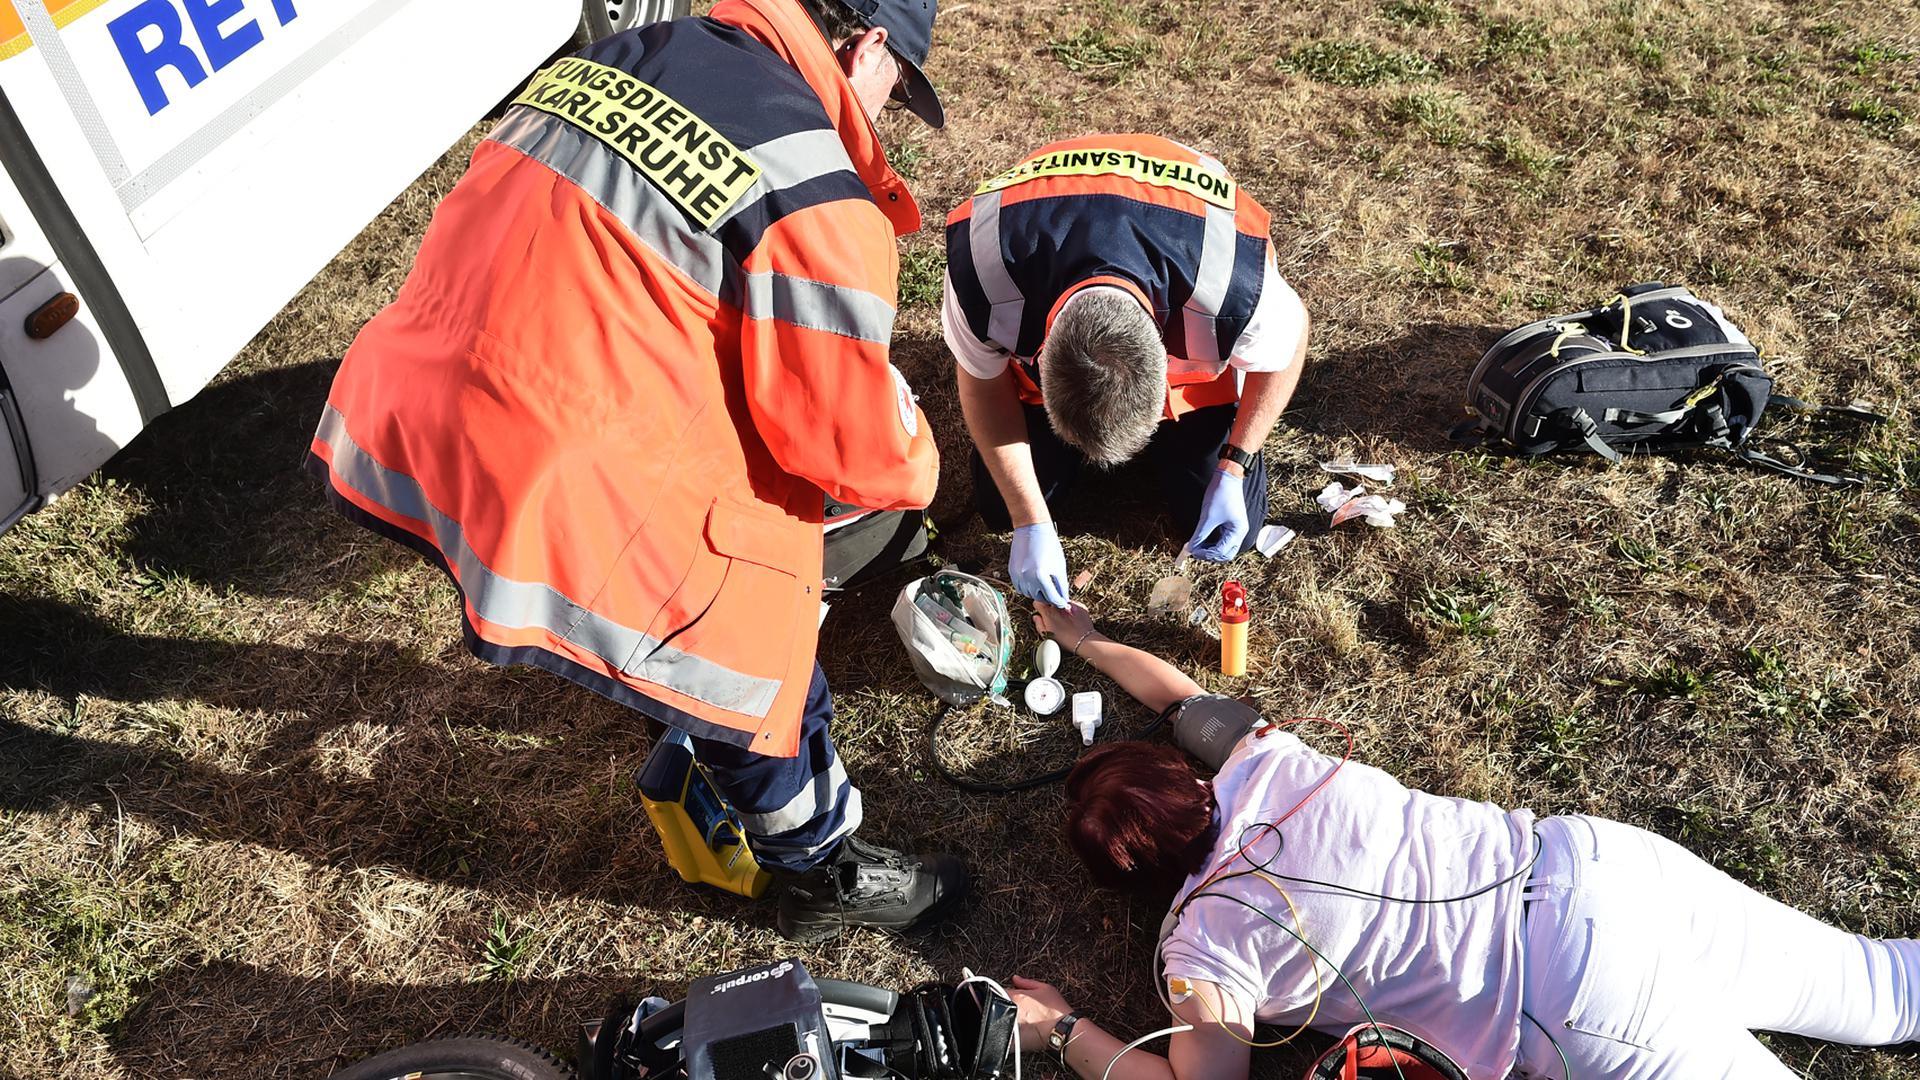 Nach einem Unfall mit einem Fahrrad wird eine verletzte Person von zwei Sanitätern behandelt (Symbolbild)